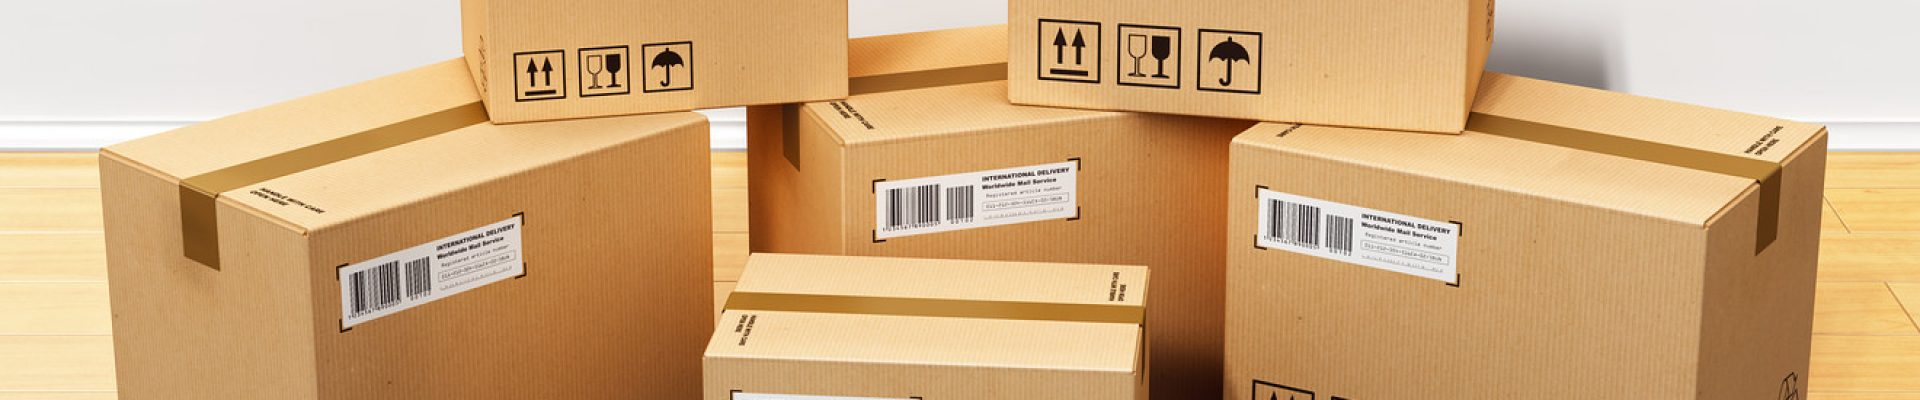 MW-IC341_boxes_ZG_20200316104406.jpg